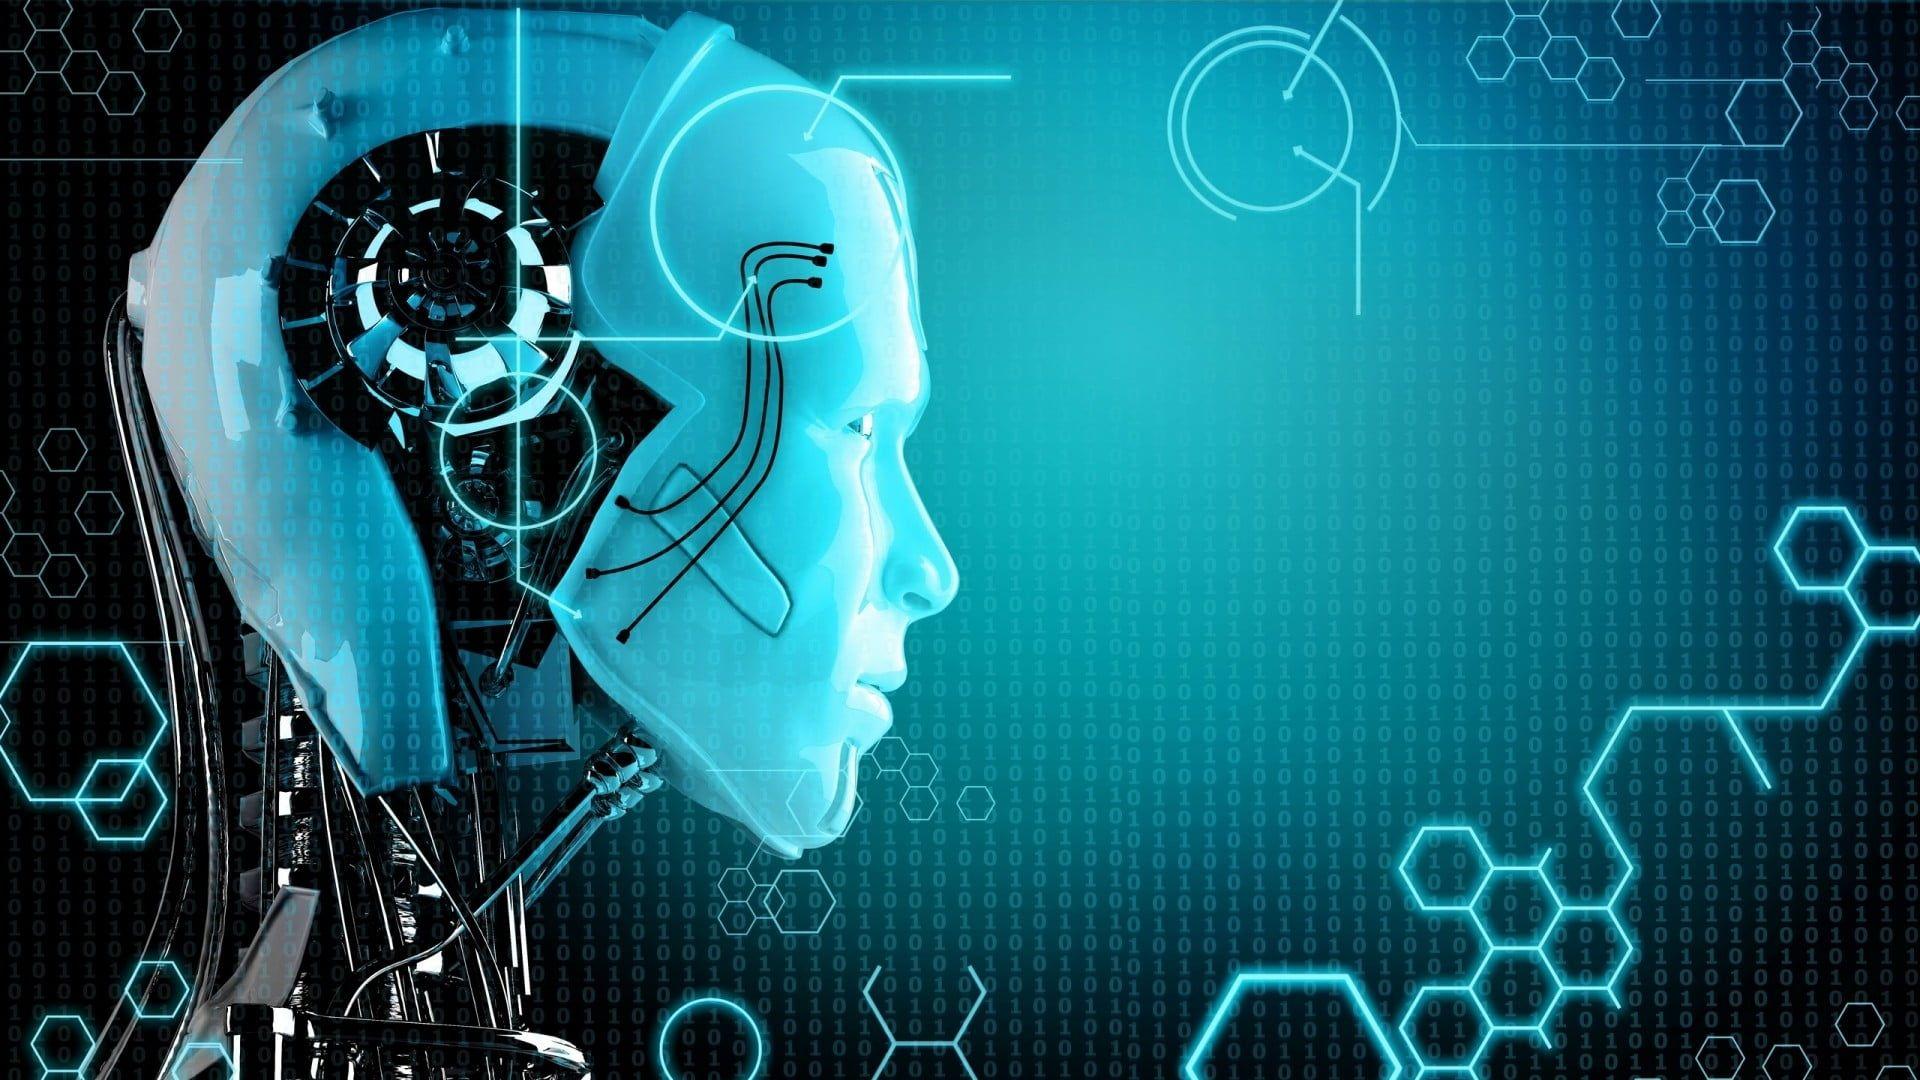 Green And Black Robot Wallpaper Face Portrait Digital Art Robot Artificial Intelligence Technology Binary Number Robot Wallpaper Hd Wallpaper Digital Art